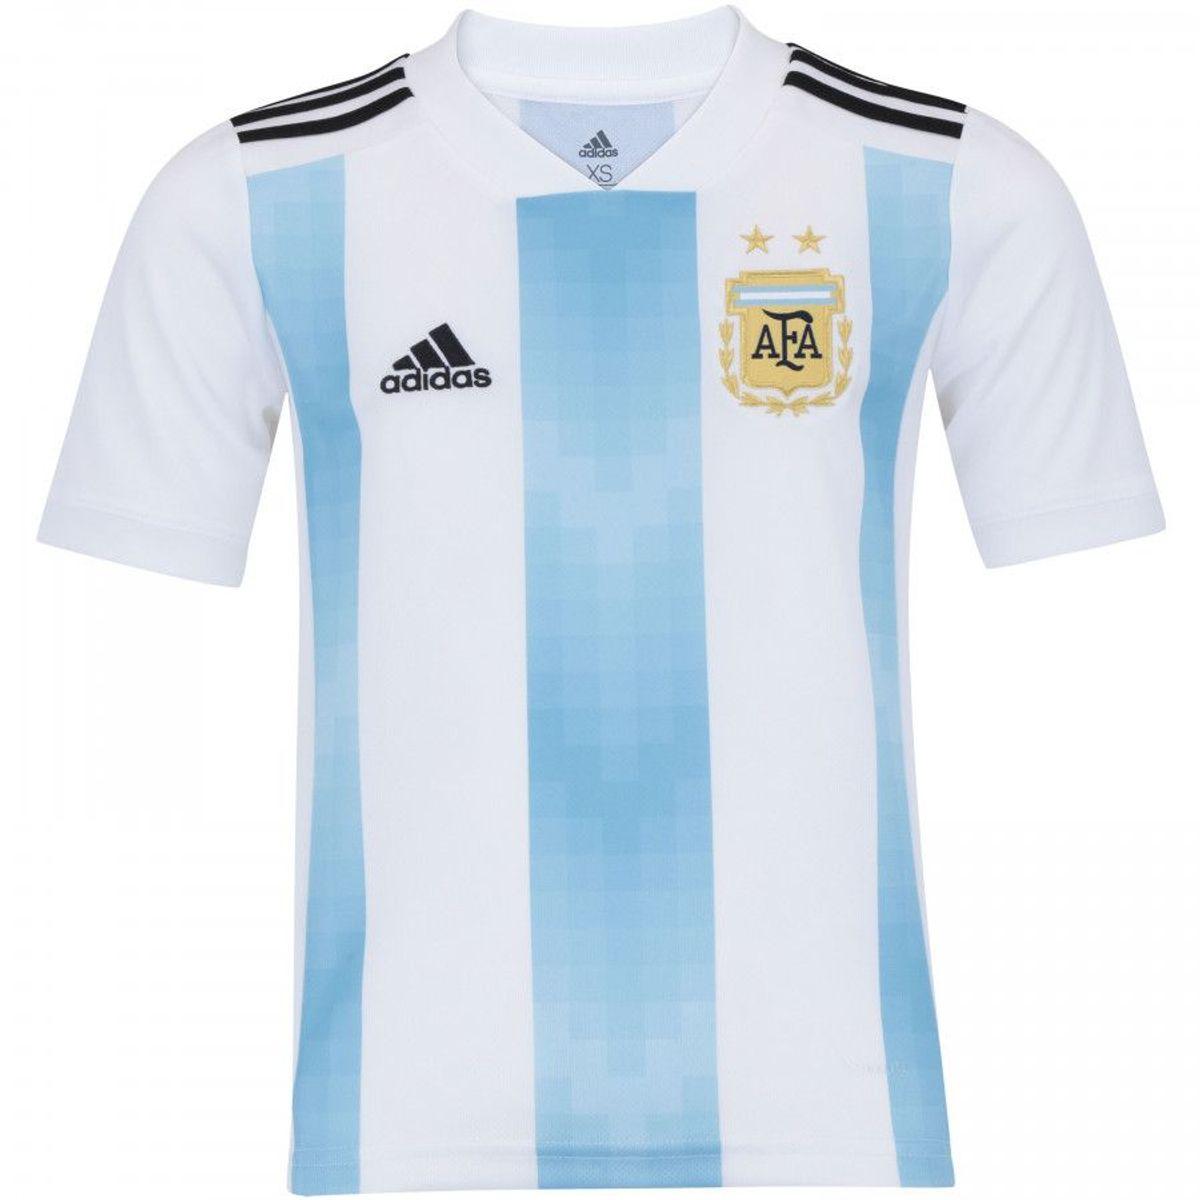 0960b6ccf6 camisa seleção argentina copa russia 2018 camiseta argentina - camisas  adidas